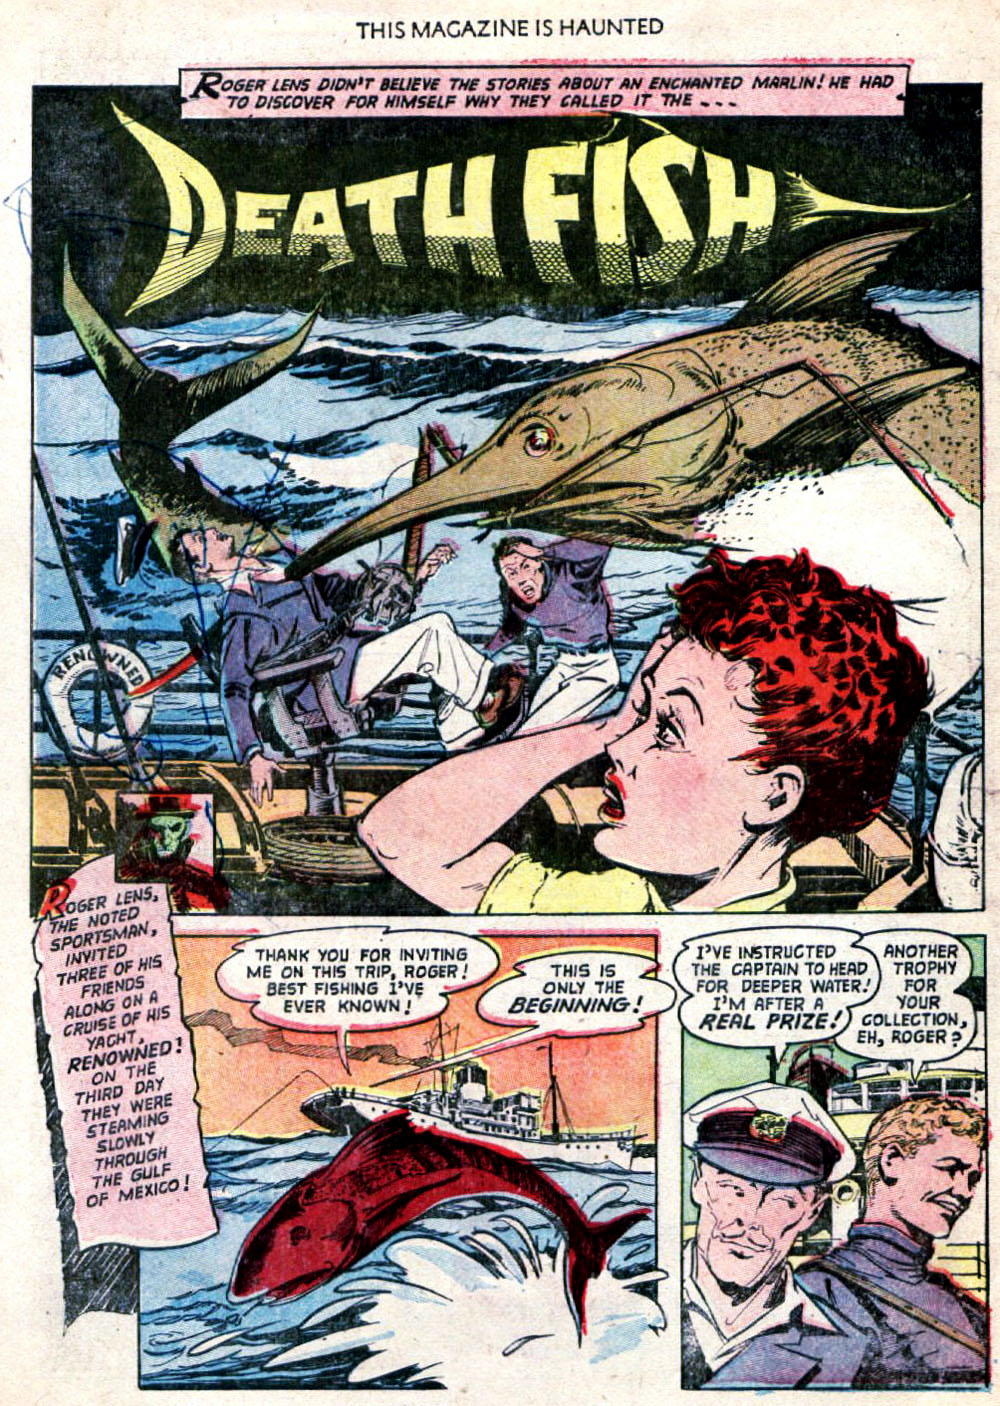 DeathFish1